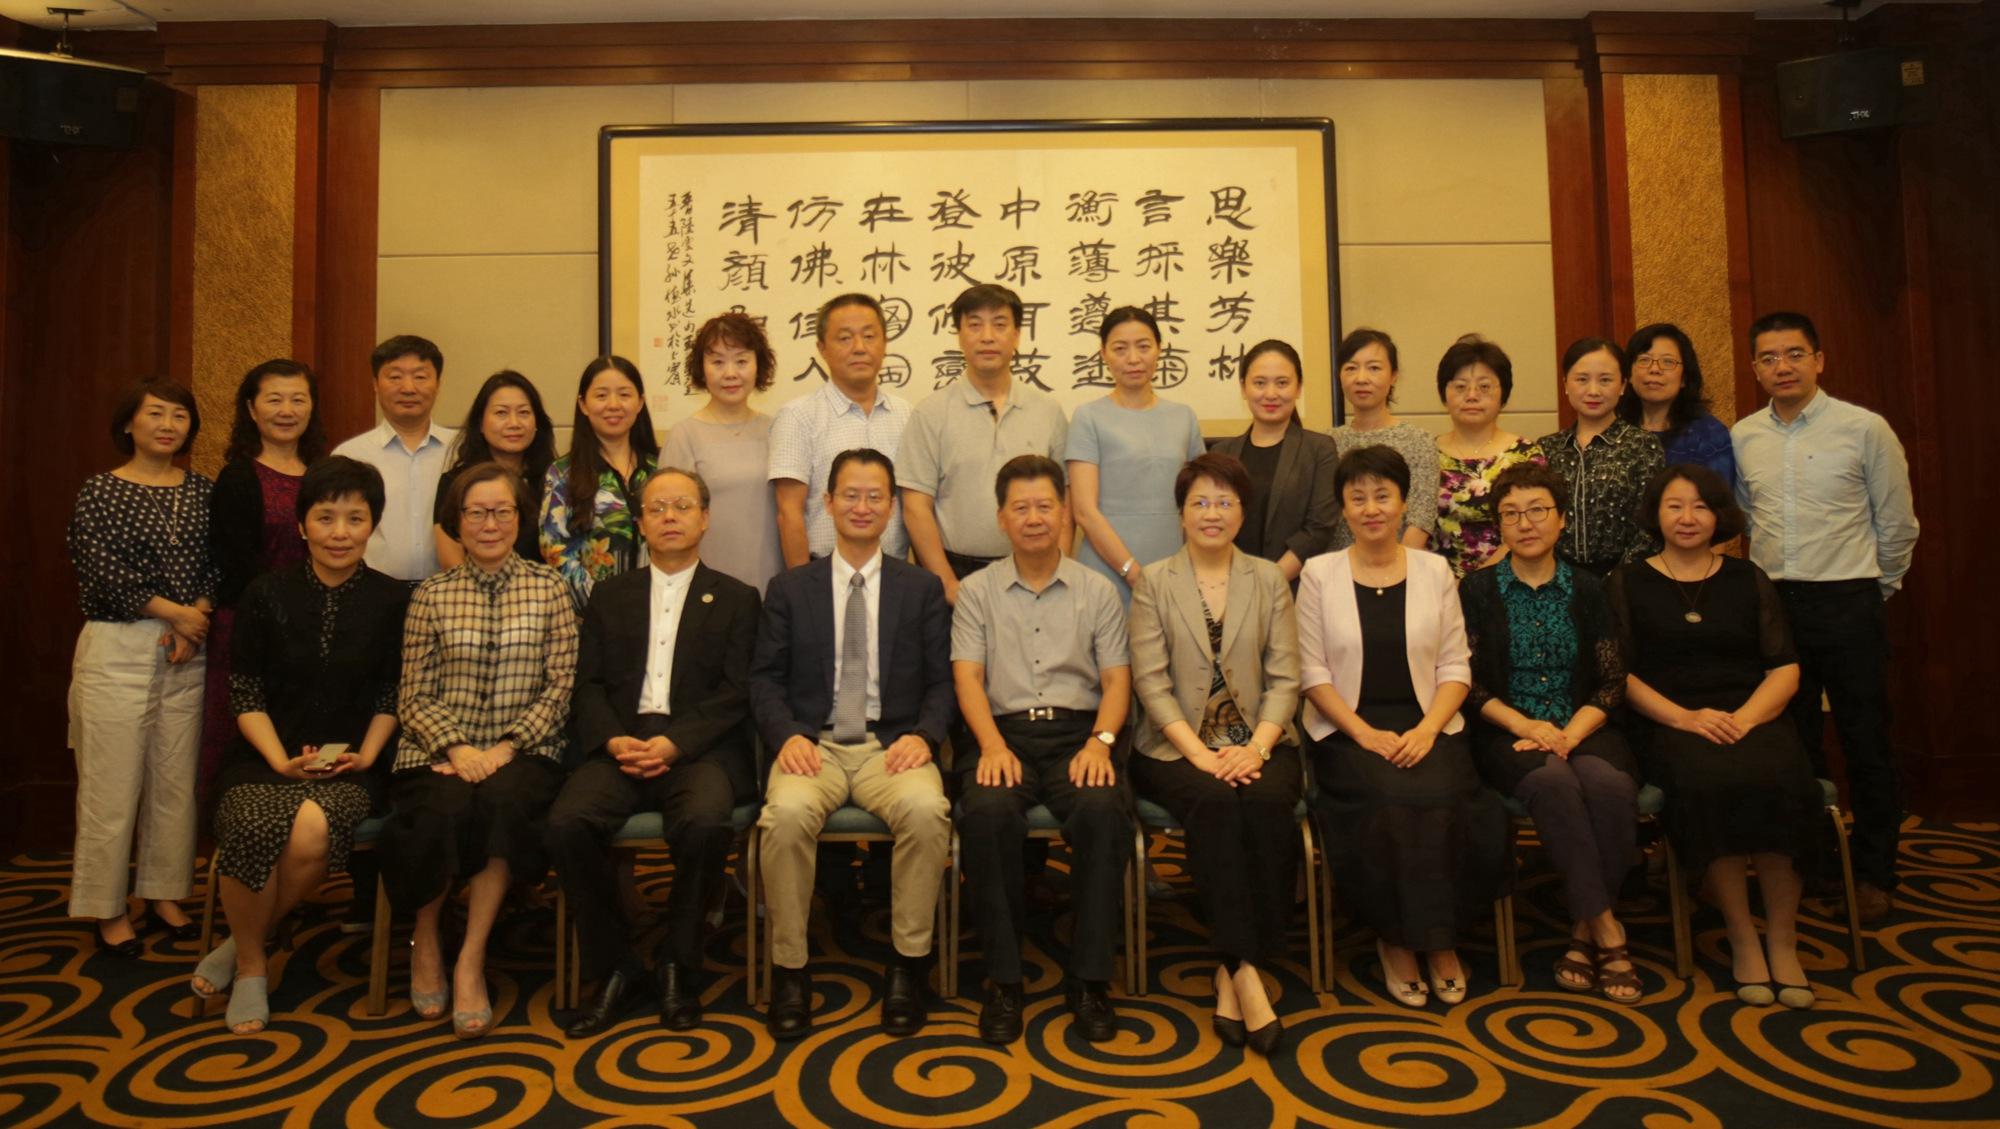 海医会第一届国际医疗与特需服务专委会筹备会在沪召开